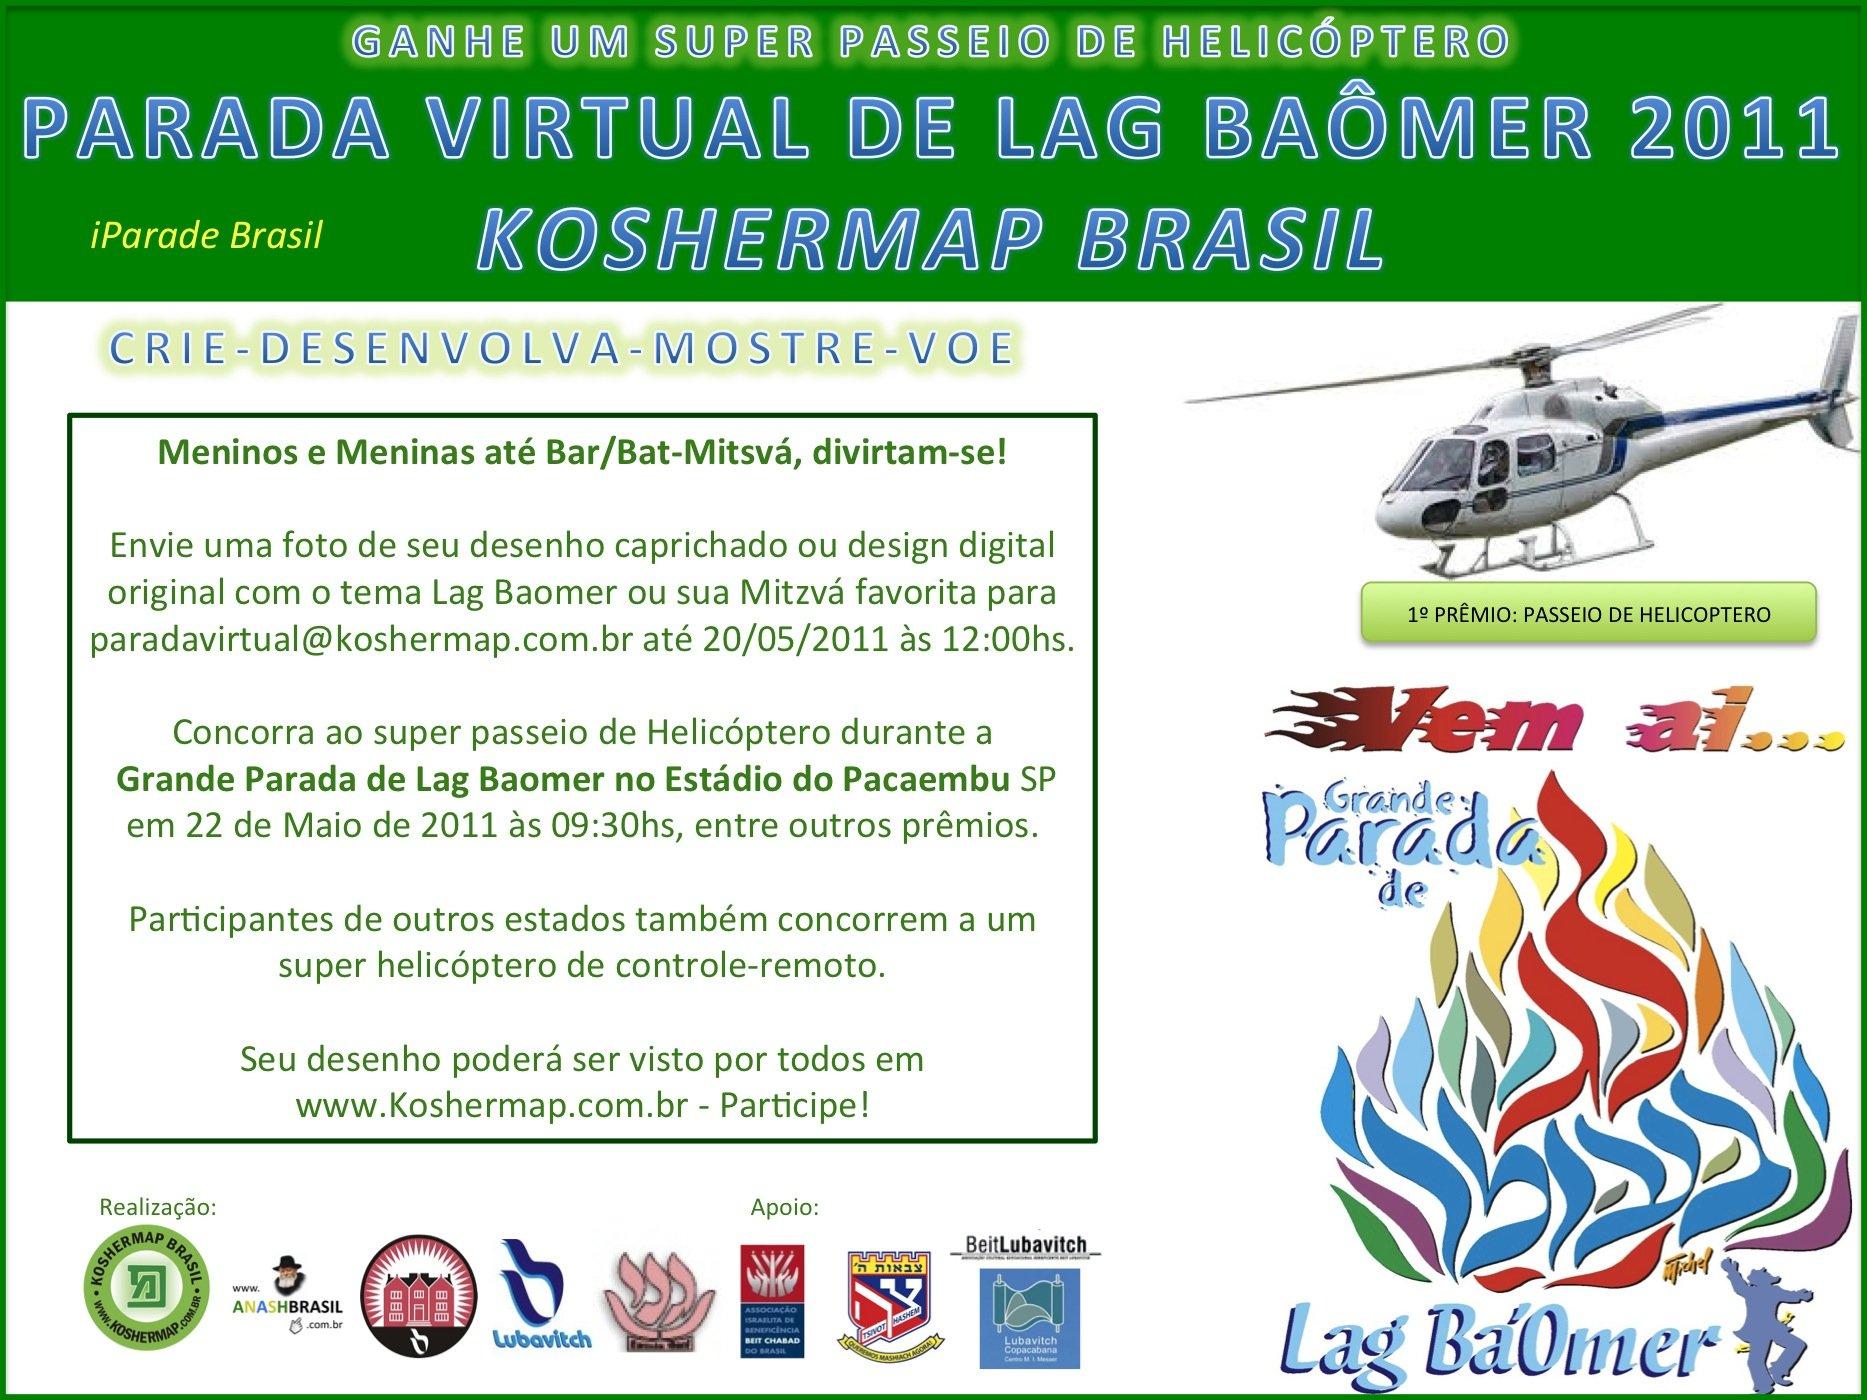 iParade Brasil 2011 - Parada Virtual Koshermap Brasil